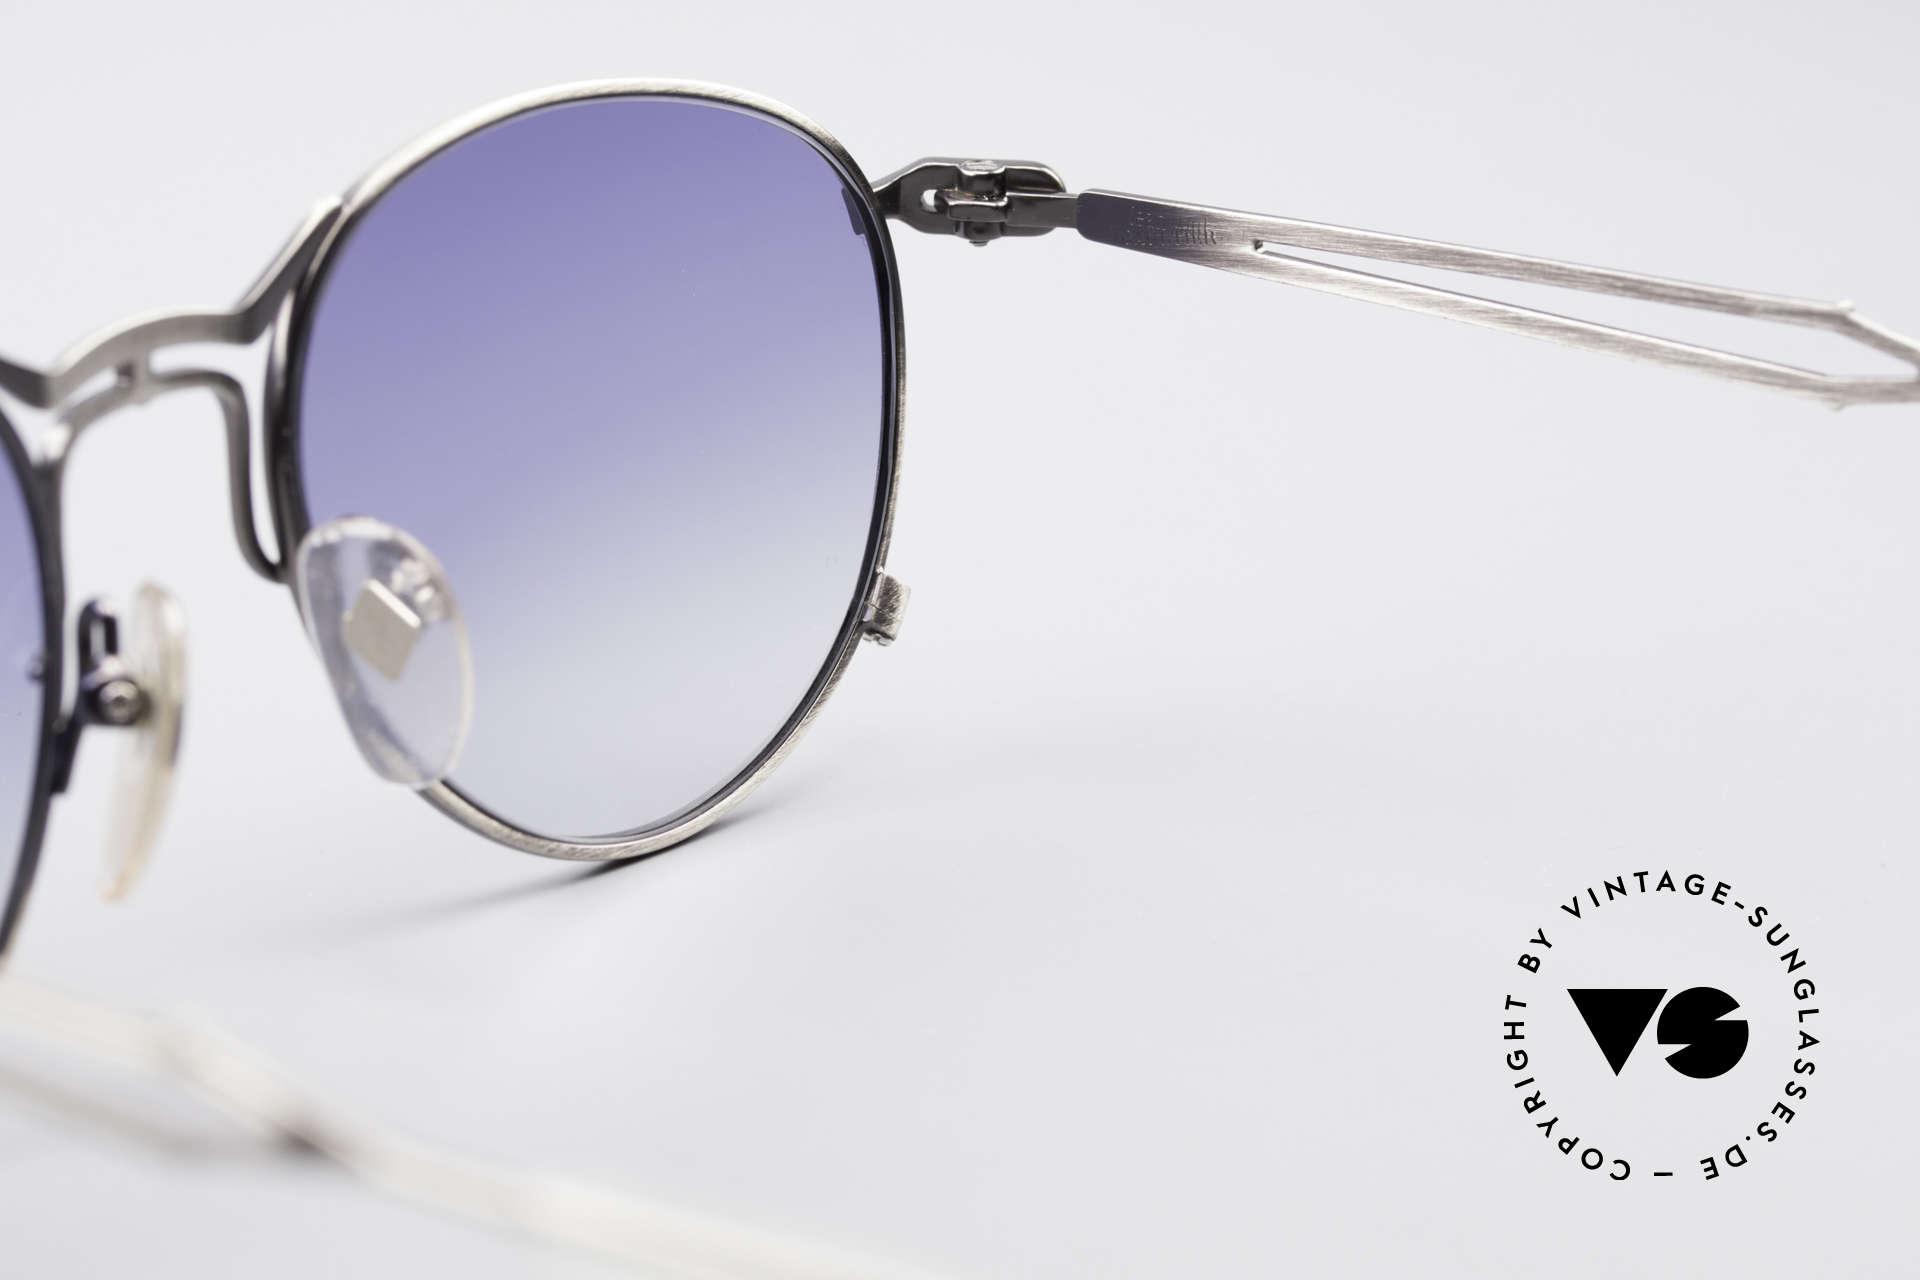 Jean Paul Gaultier 55-2177 Rare Designer Sonnenbrille, ungetragen (wie alle unsere vintage GAULTIER Brillen), Passend für Herren und Damen